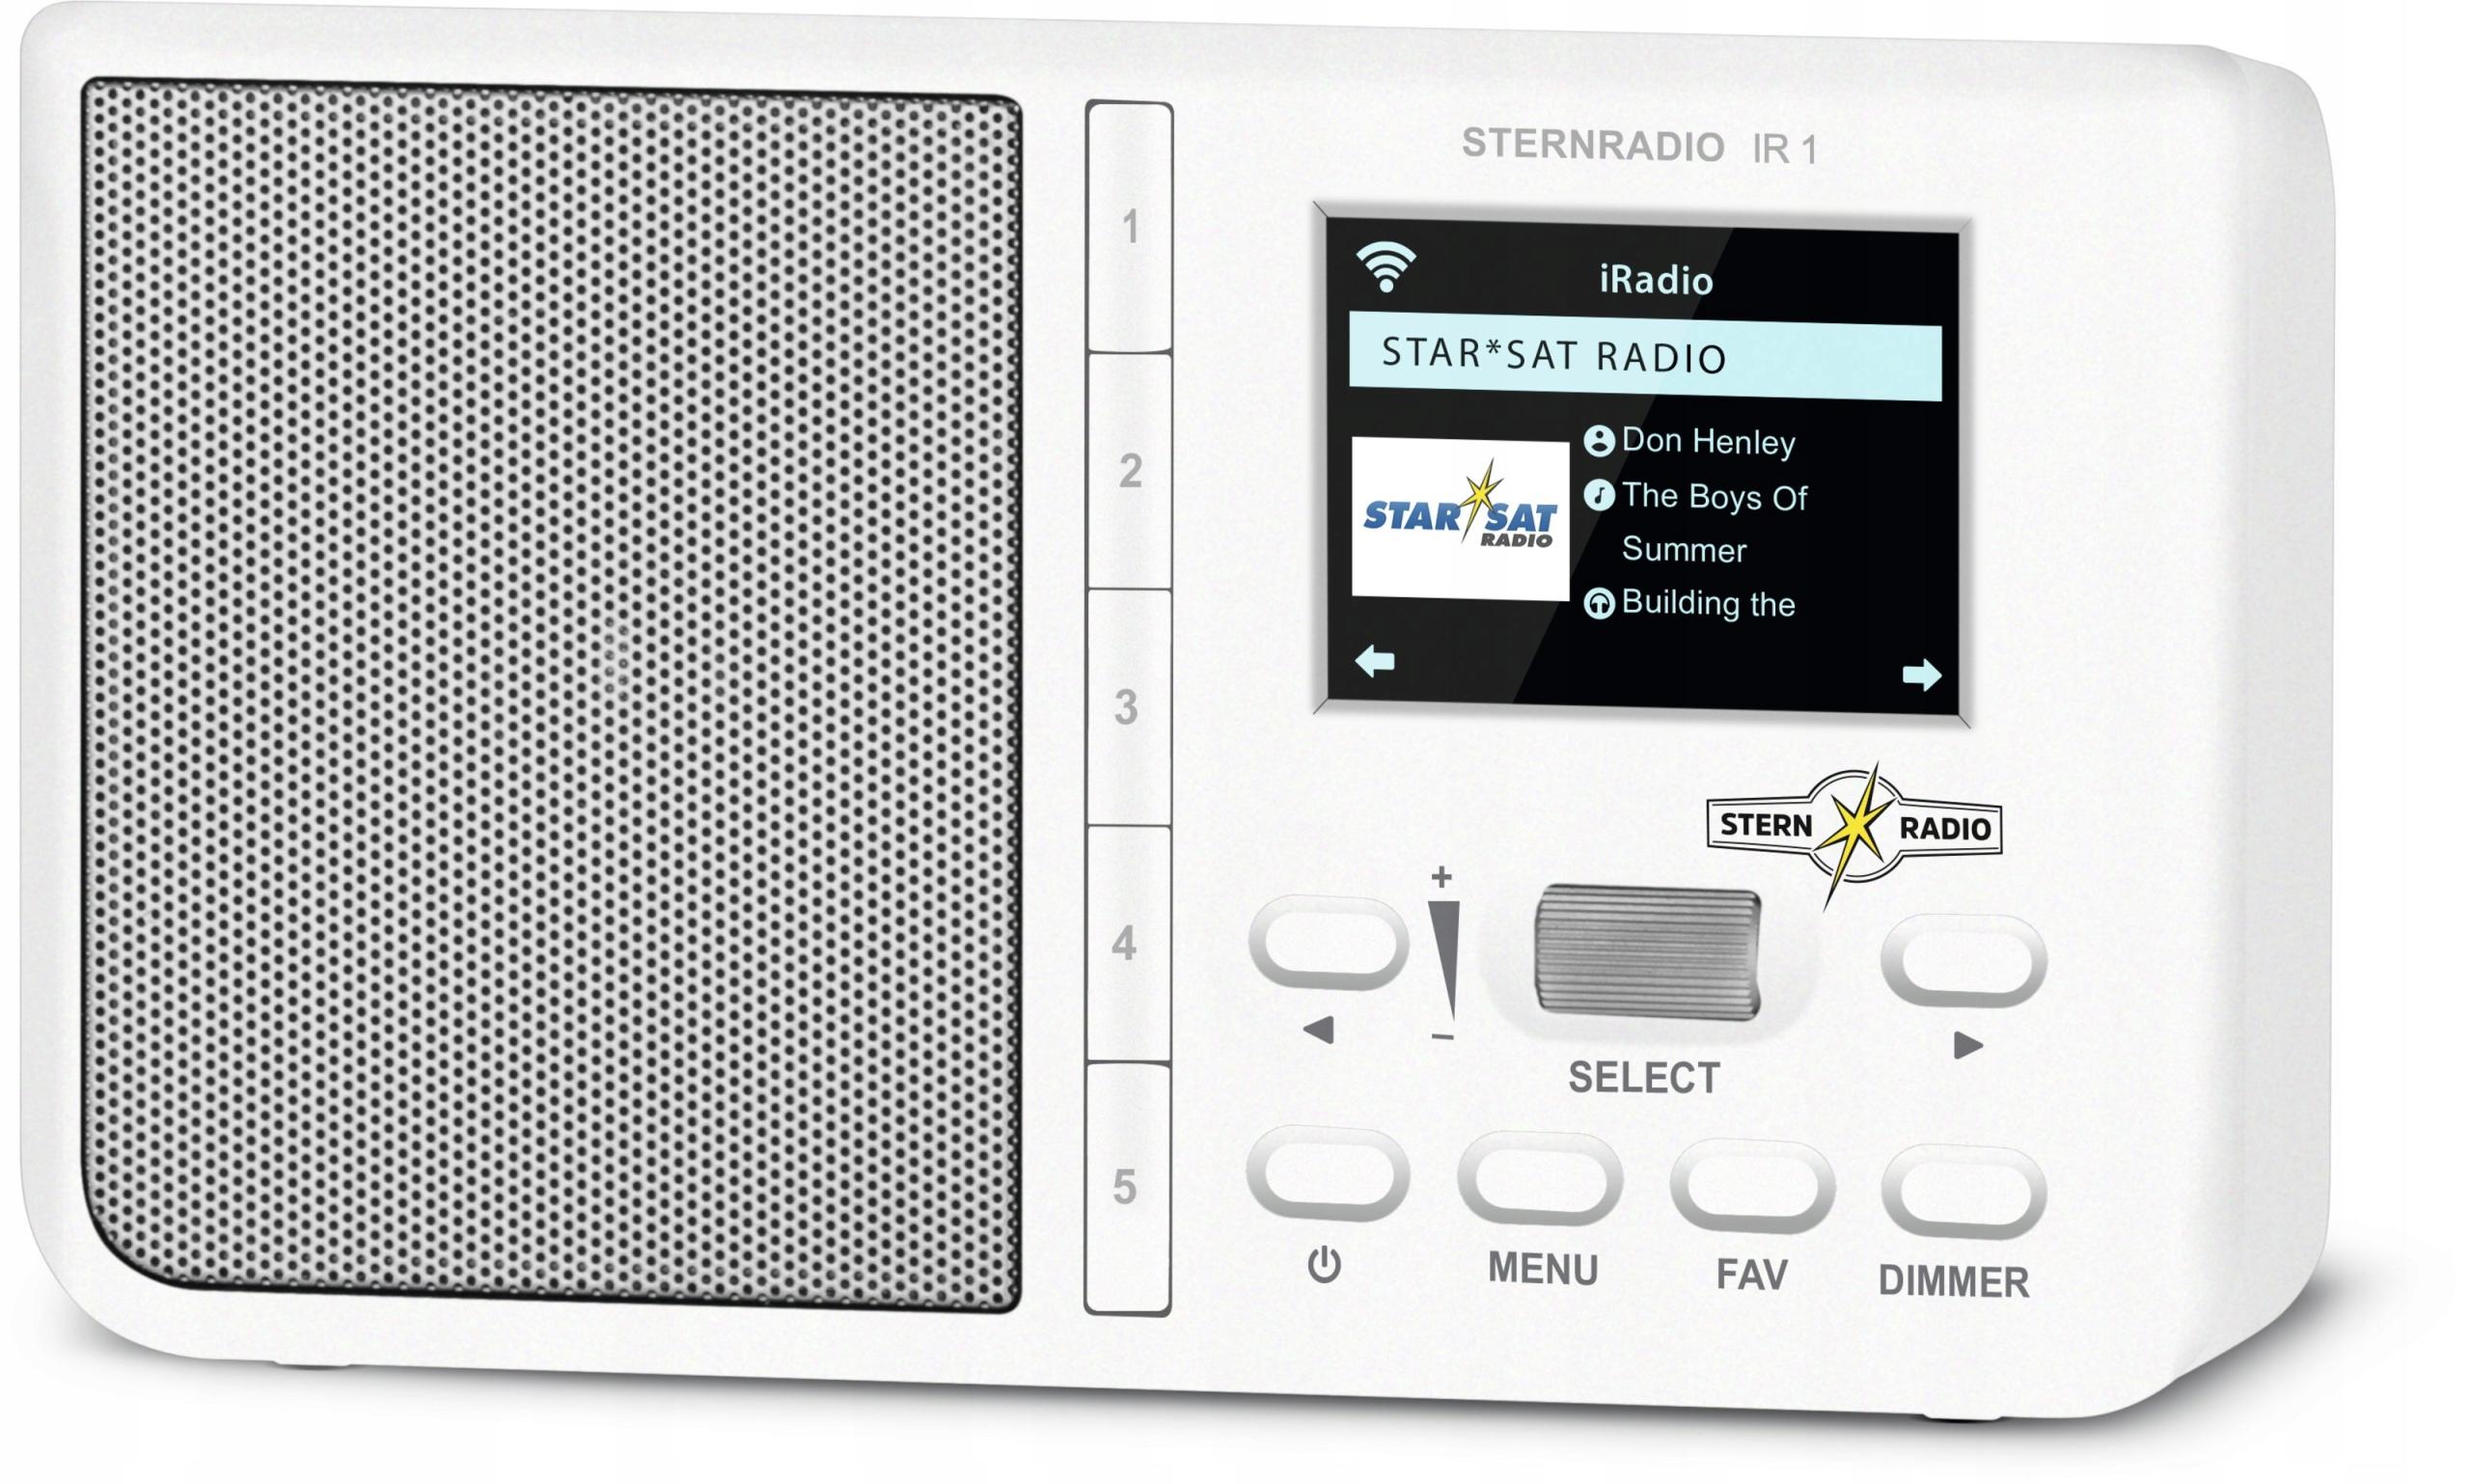 Кухня WiFi Интернет-радио / вкл. Новый мир